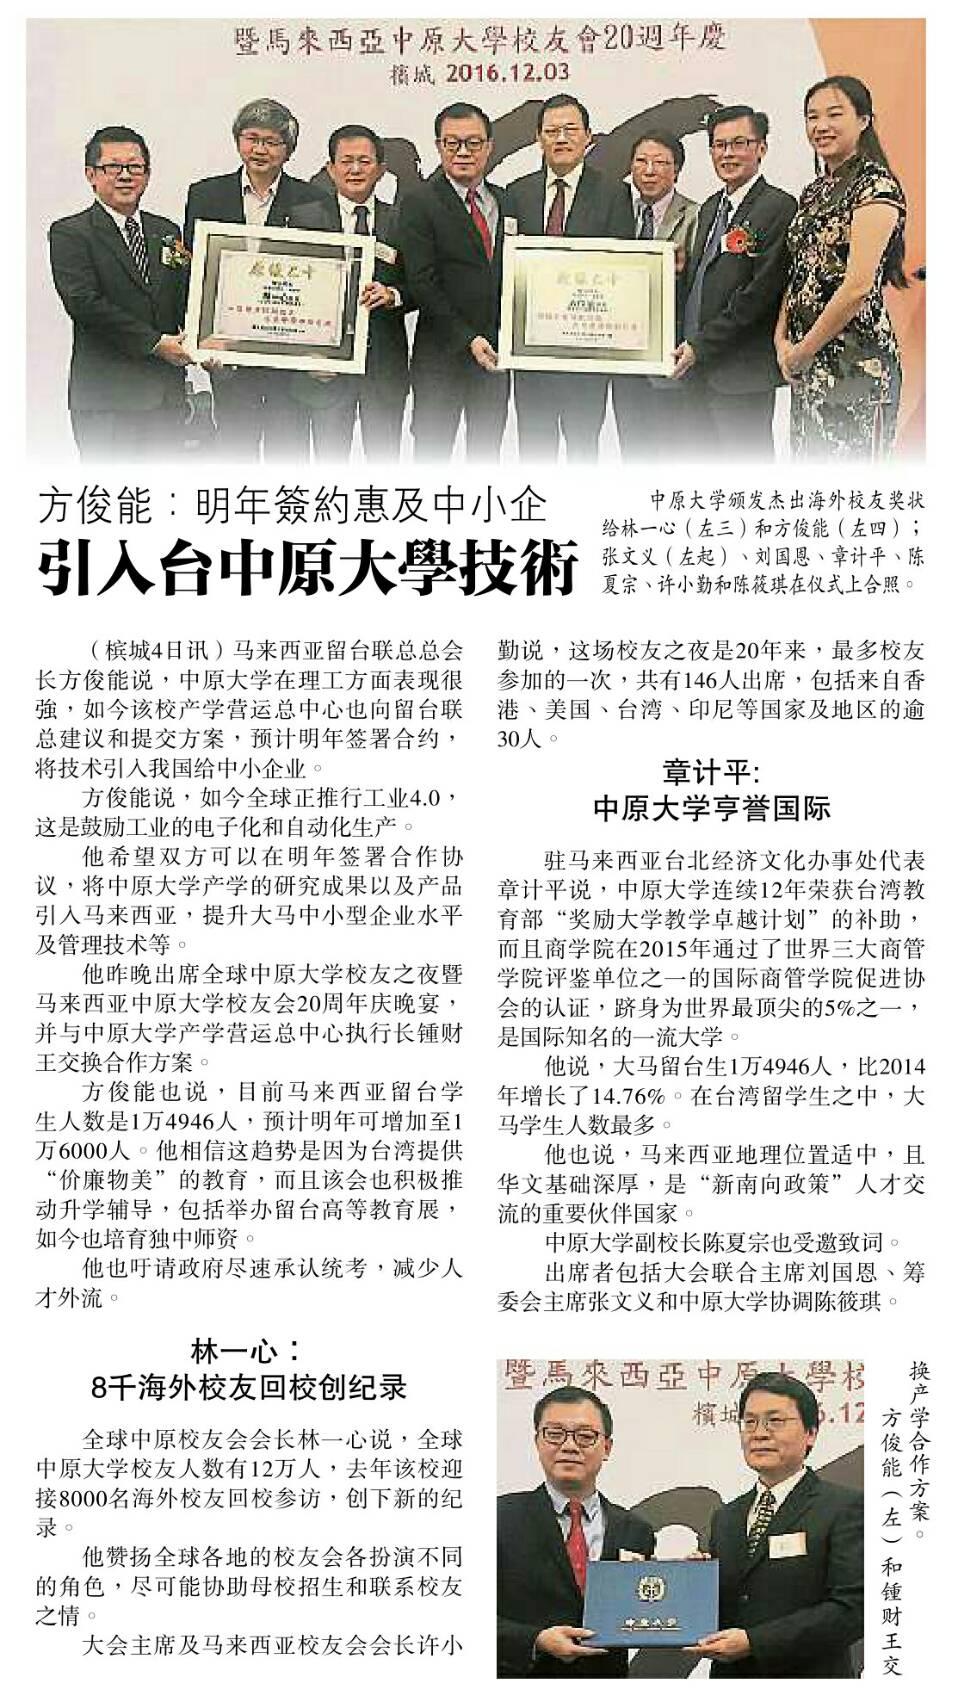 【星洲網新聞】方俊能:明年簽約惠及中小企.引入台中原大學技術